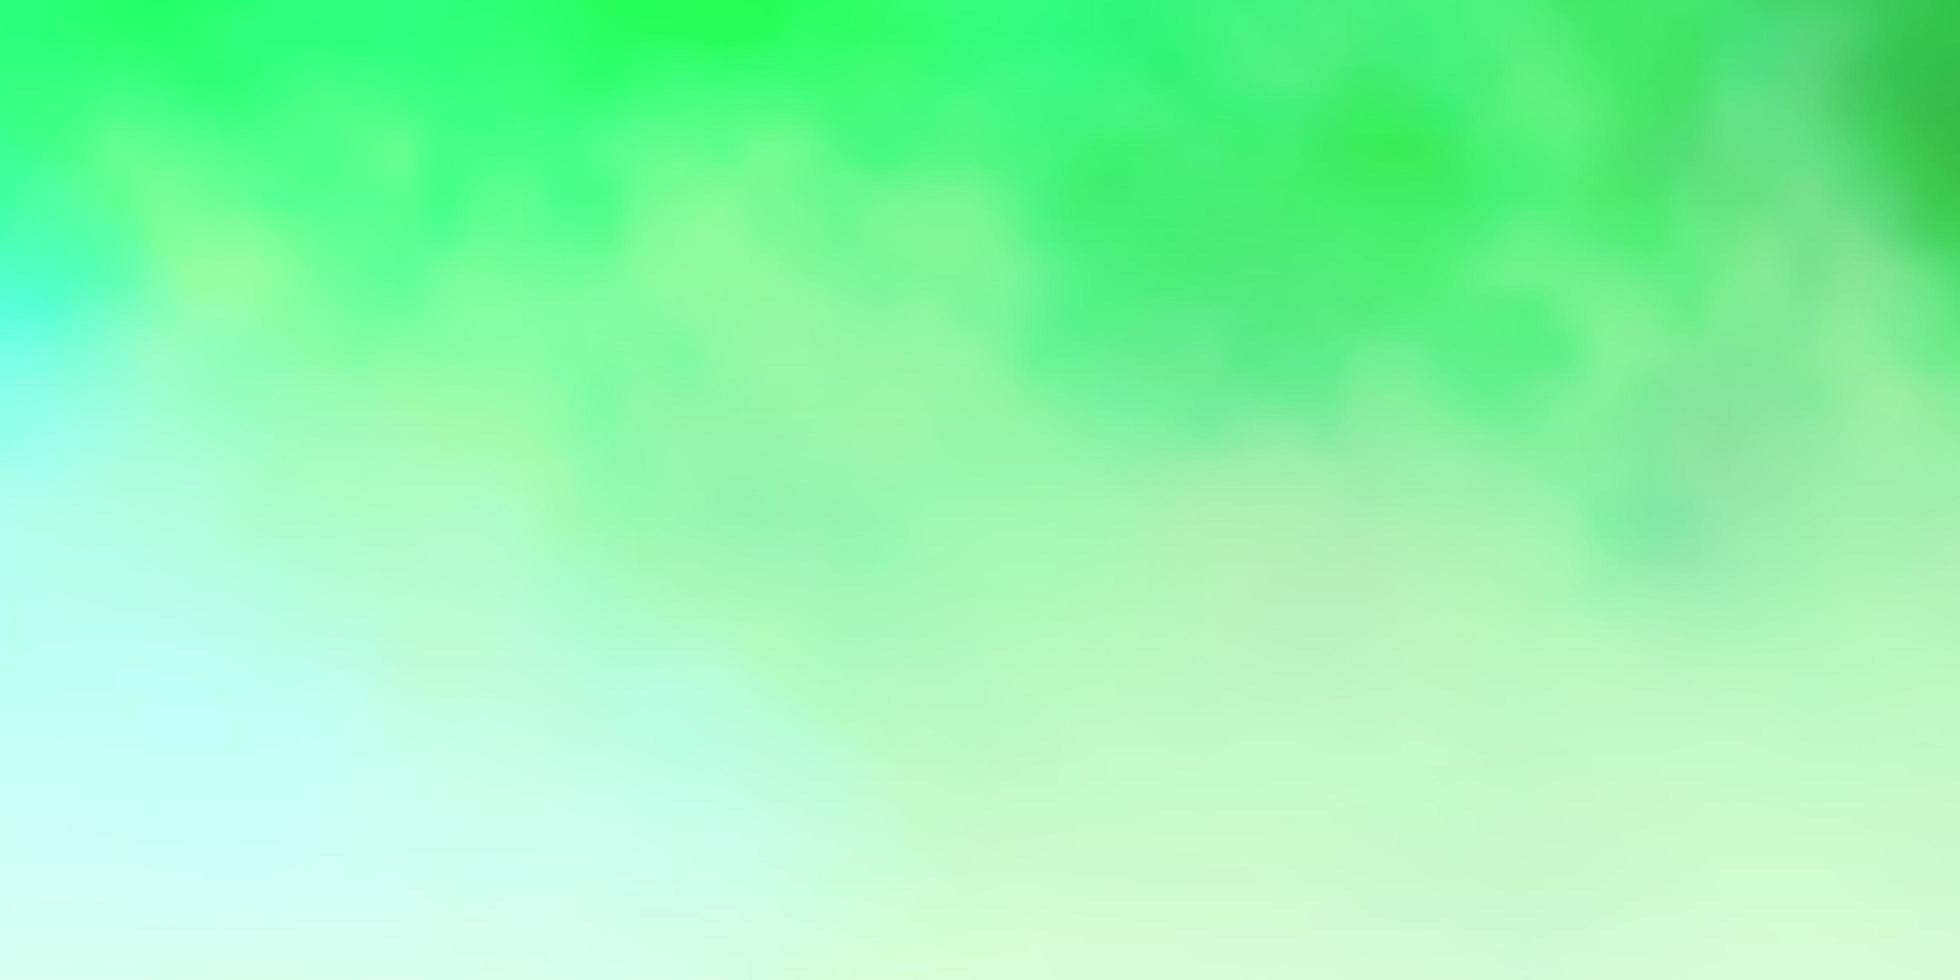 ljusgrön vektorlayout med molnlandskap. vektor